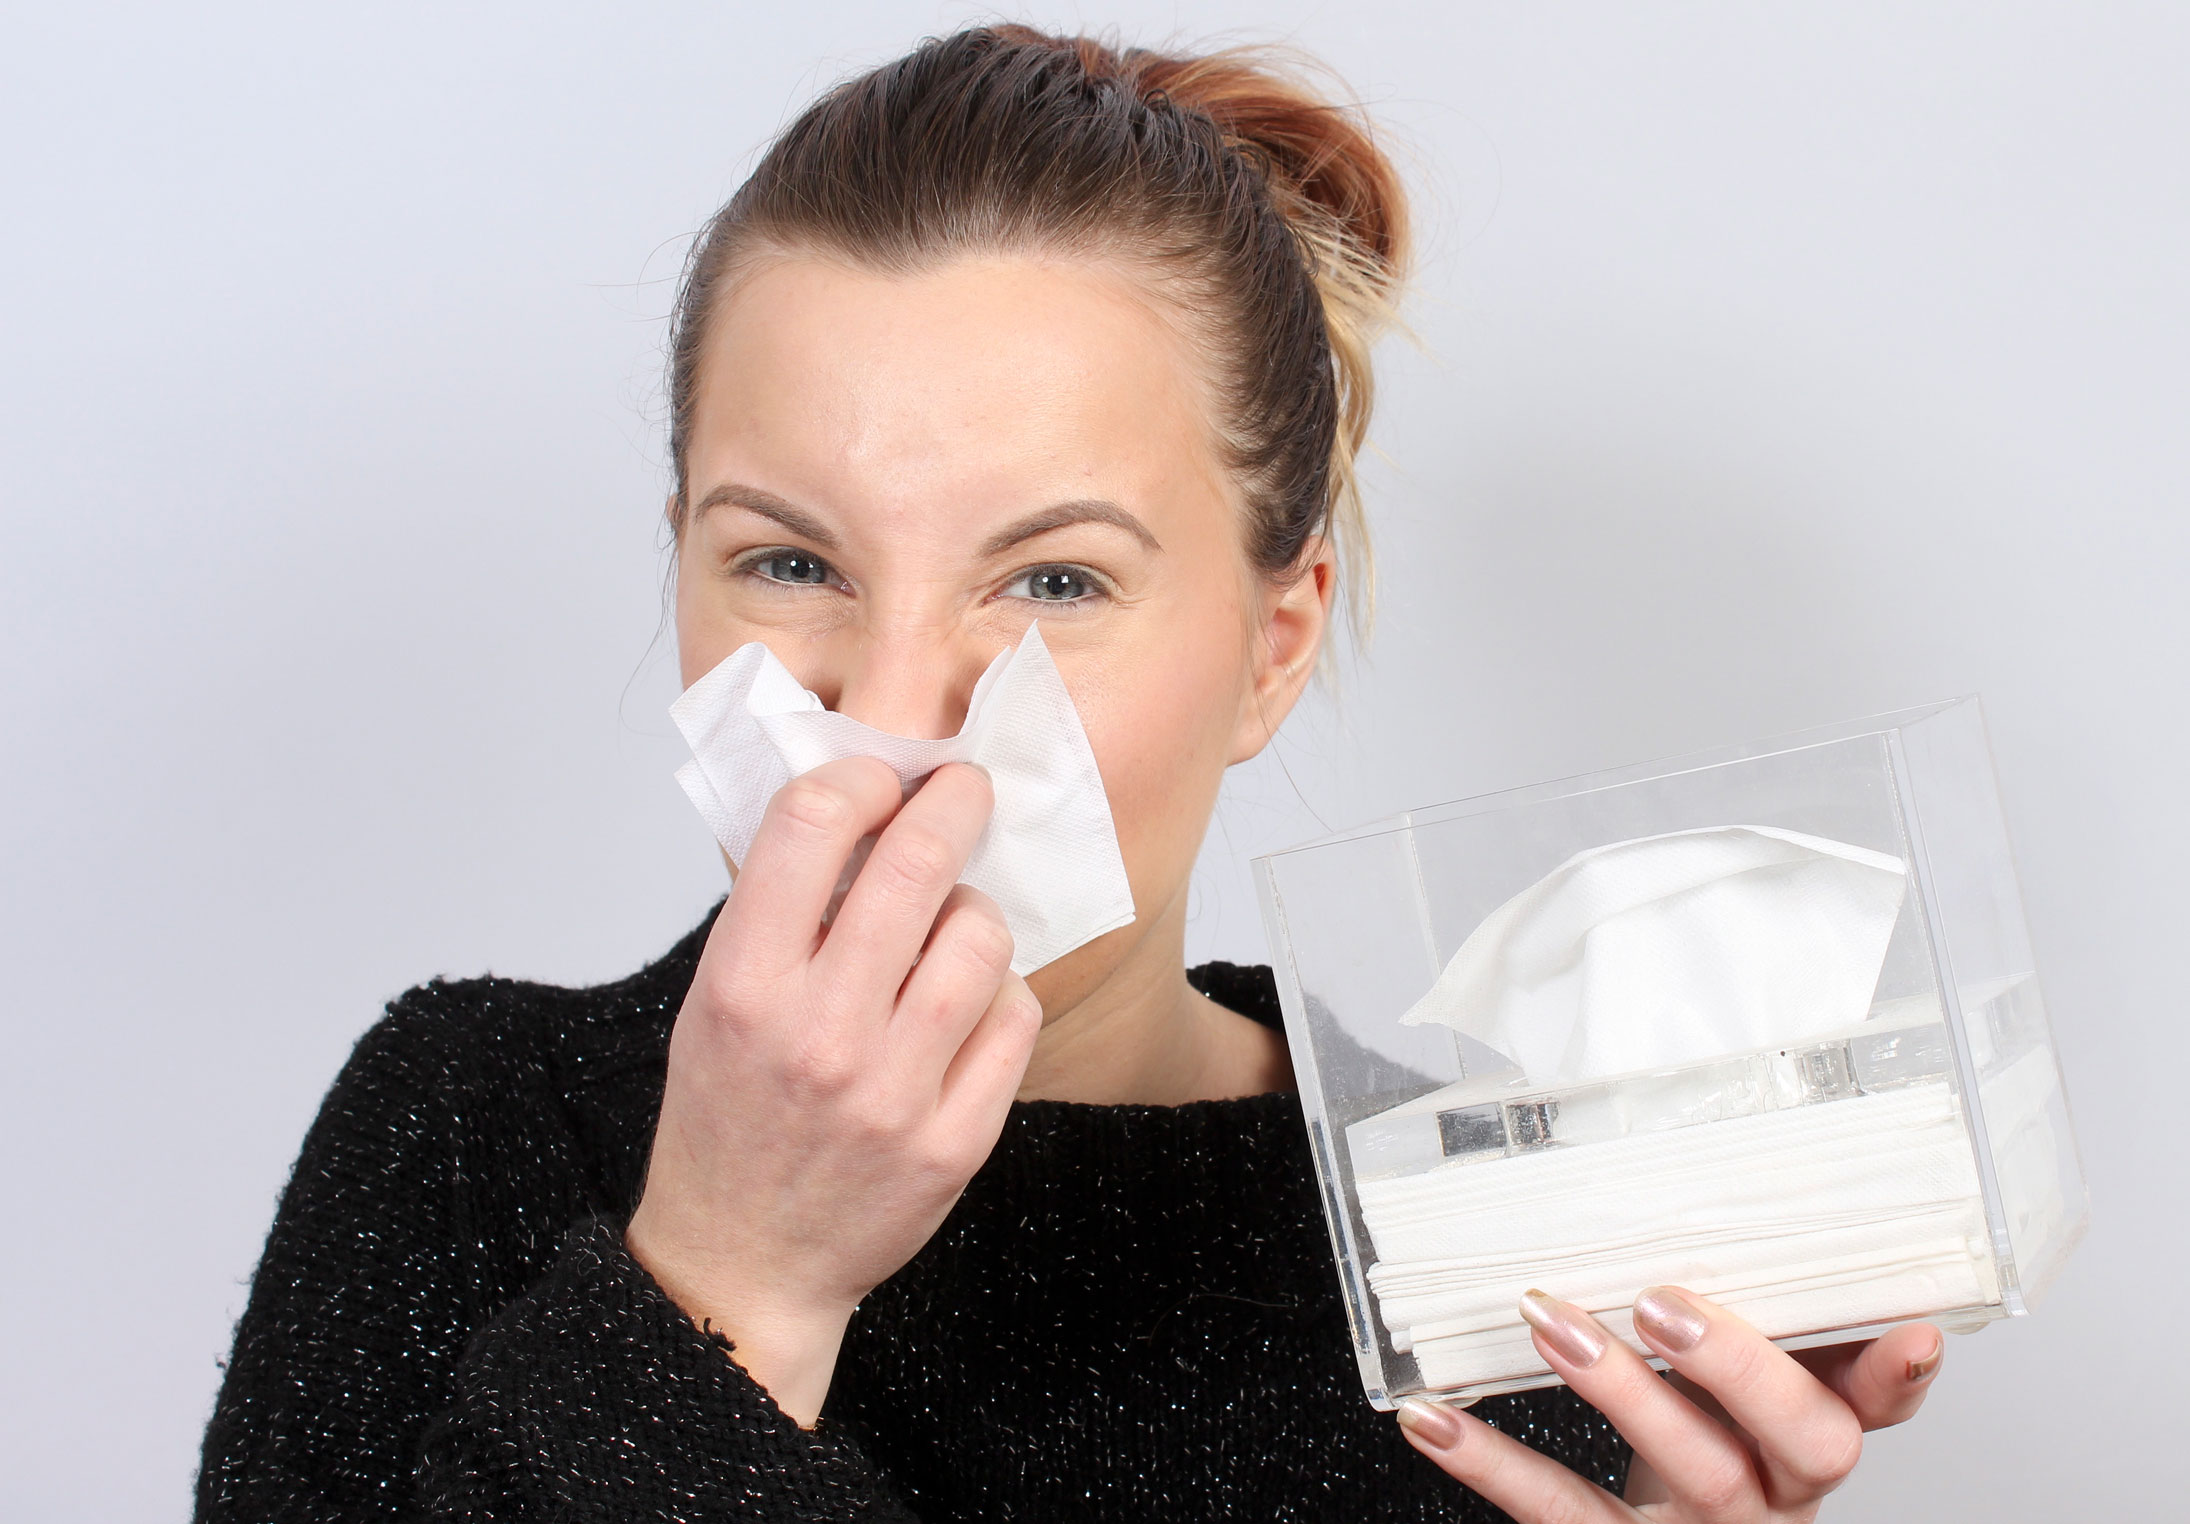 få bort förkylning snabbt